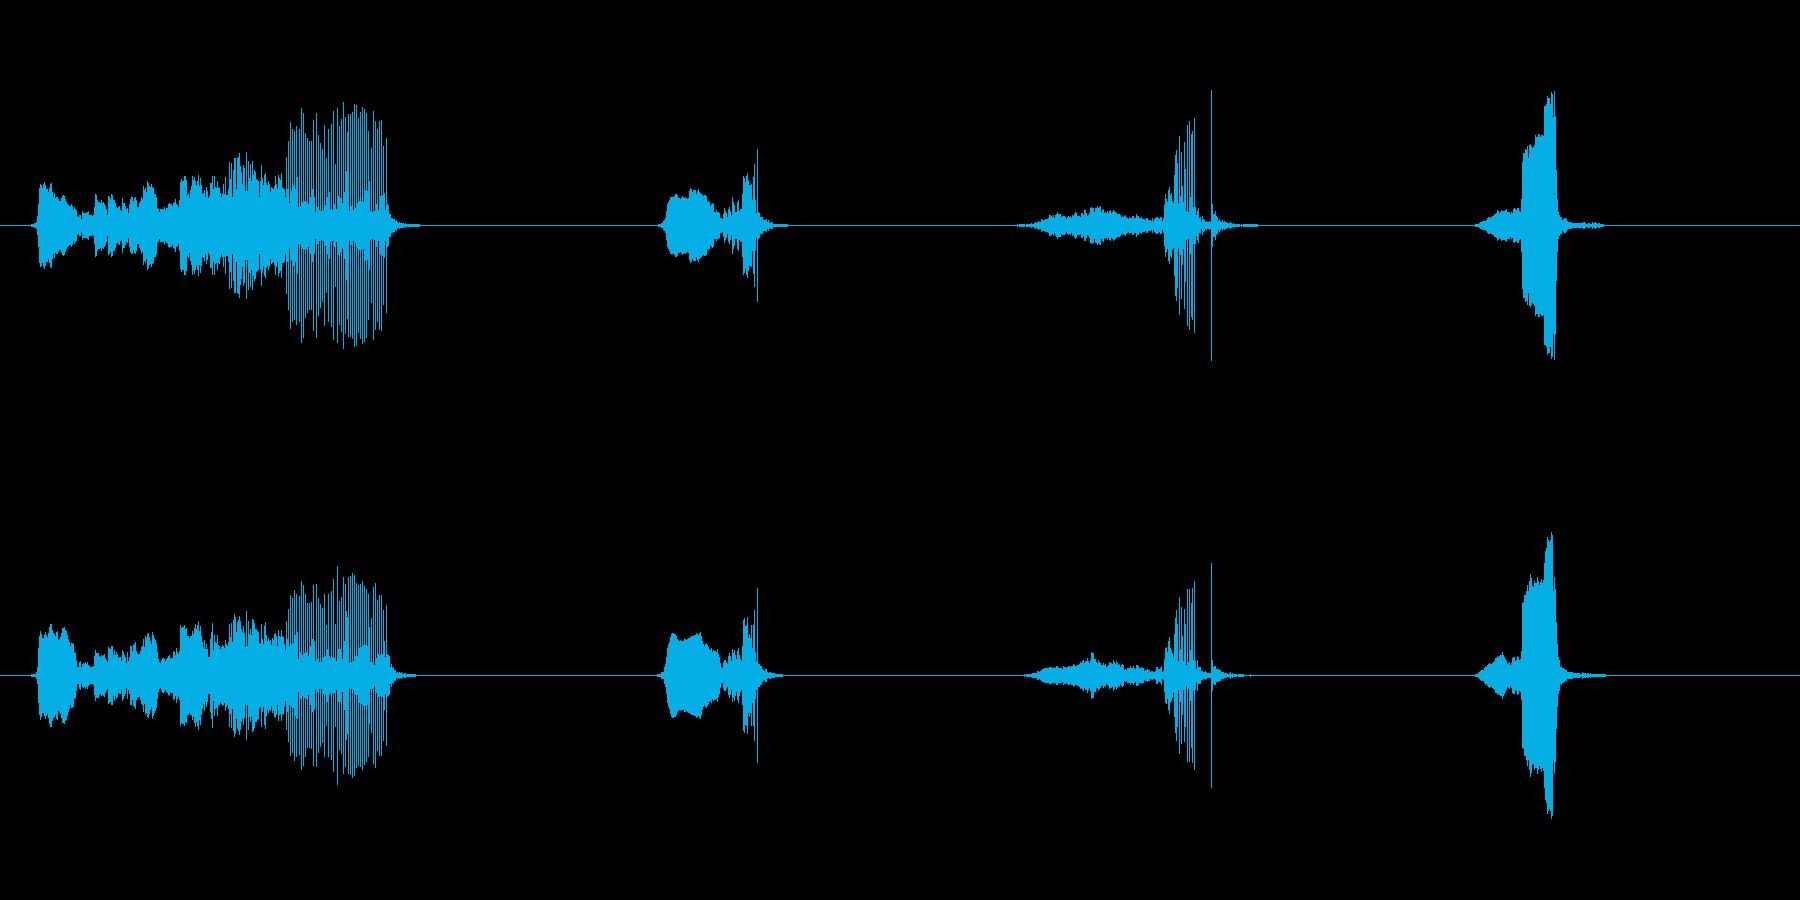 ドアウッドクリークシャープx4の再生済みの波形